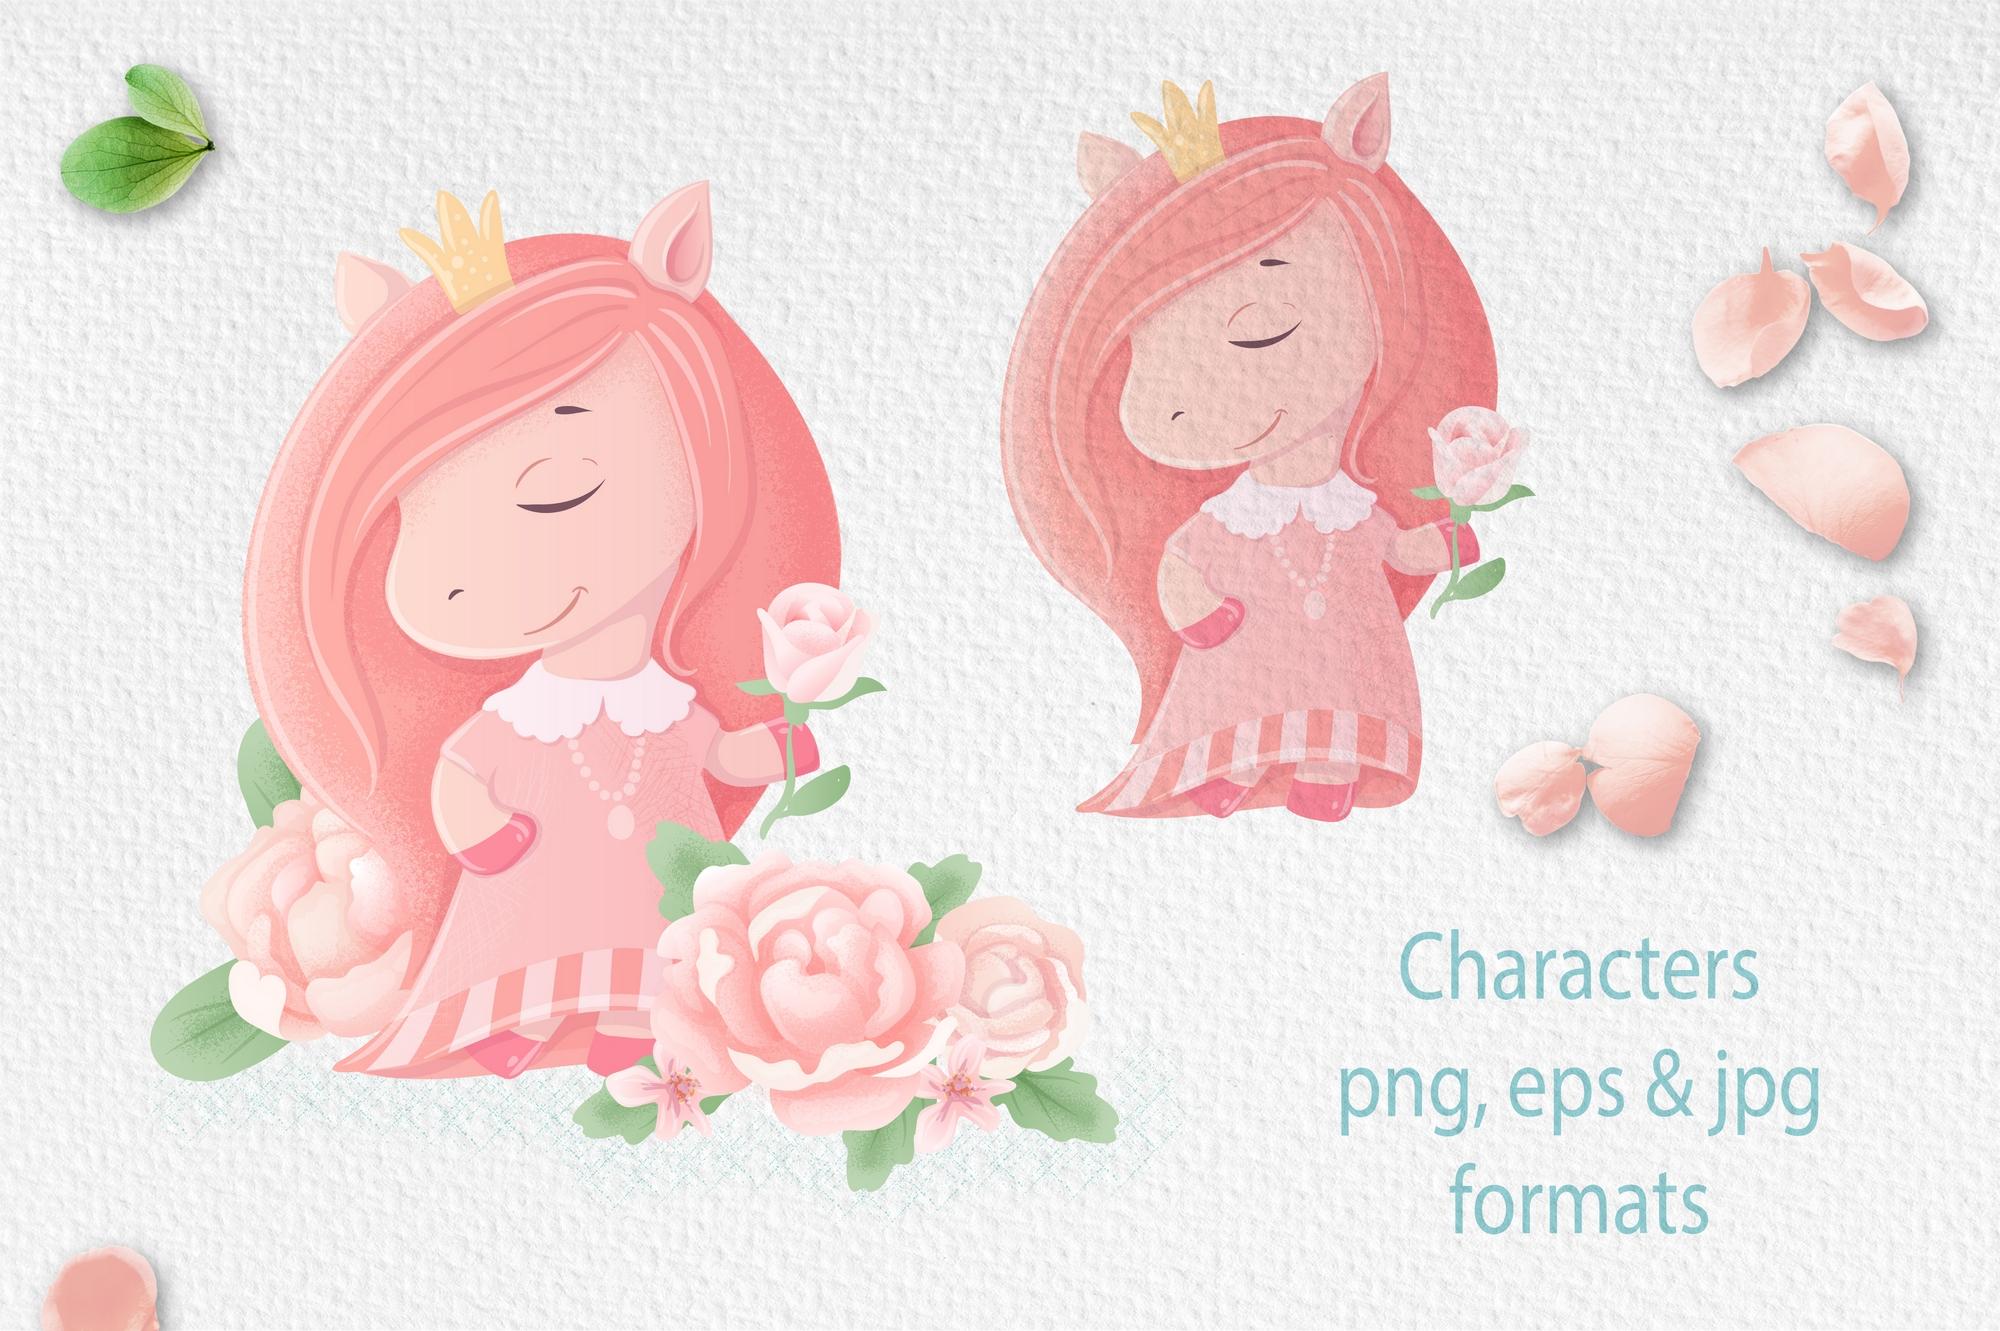 可爱小马公主花卉大写字母手绘剪贴画集 Cute Pony Princess插图(2)